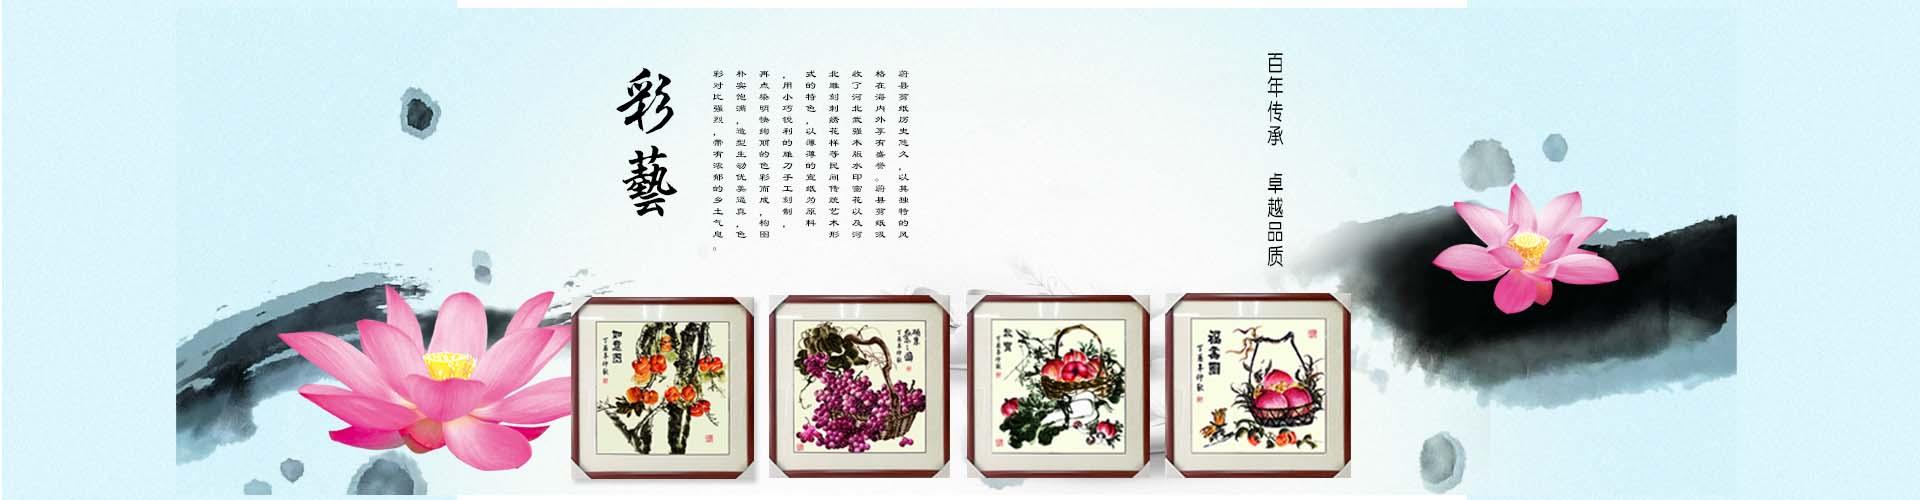 中国民间剪纸流派